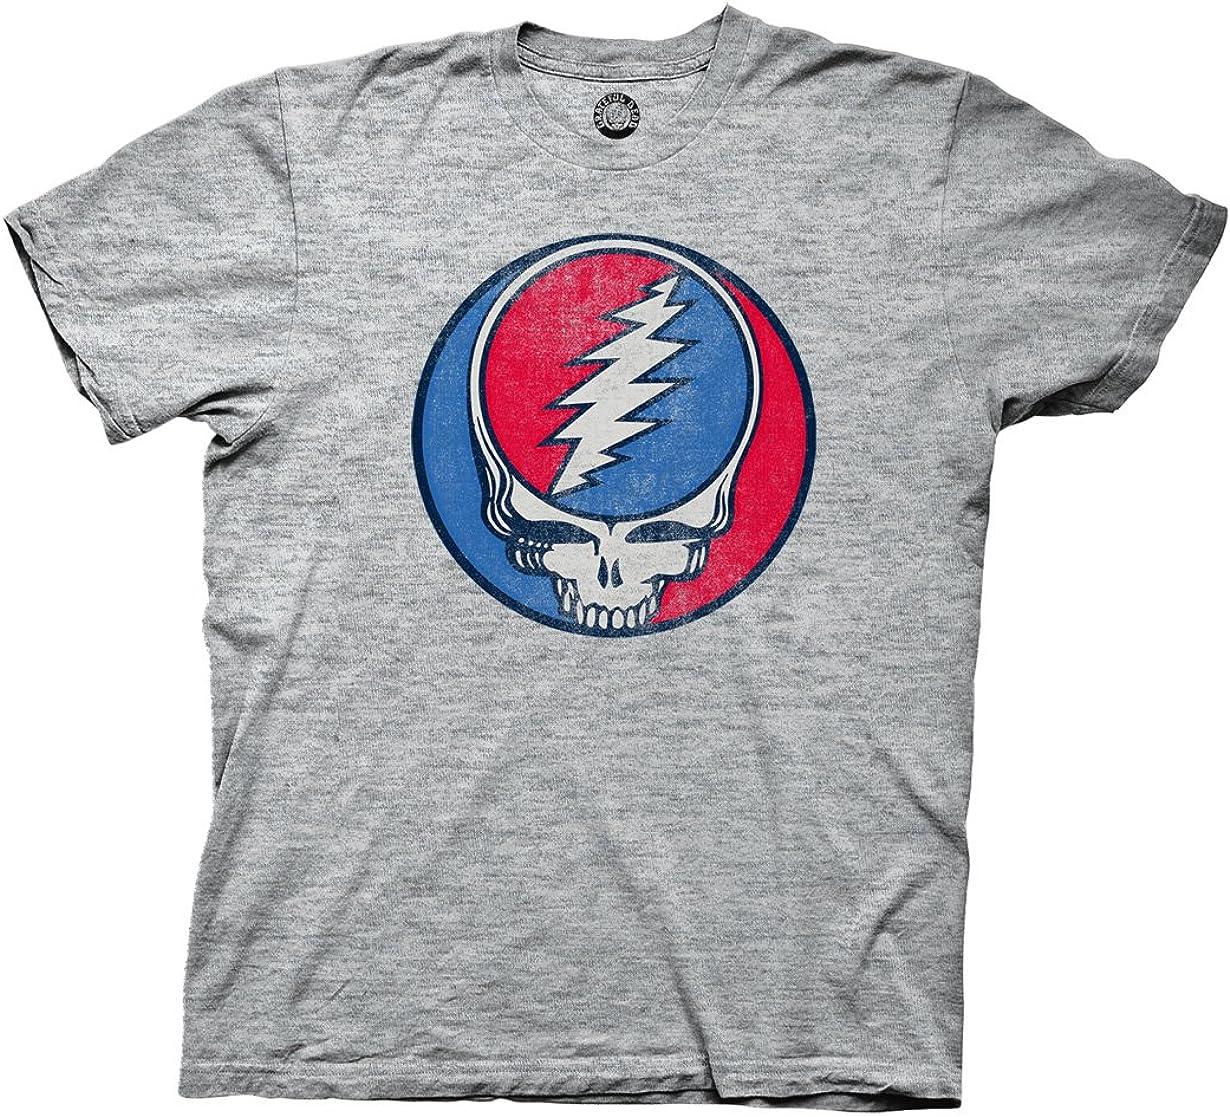 T-Shirts Sizes S-2XL New Adult Grateful Dead Big Bertha Big Print Tee Shirt